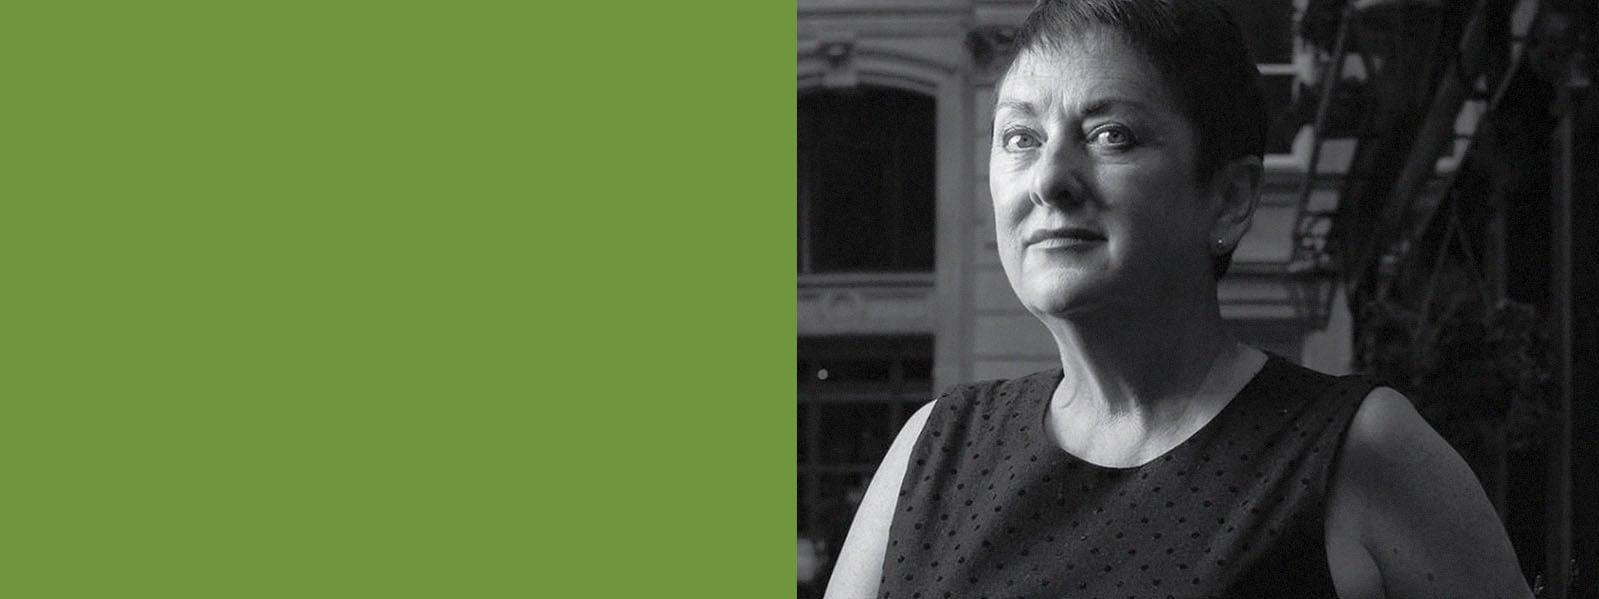 National Education Union Secretary, DR Mary Bousted